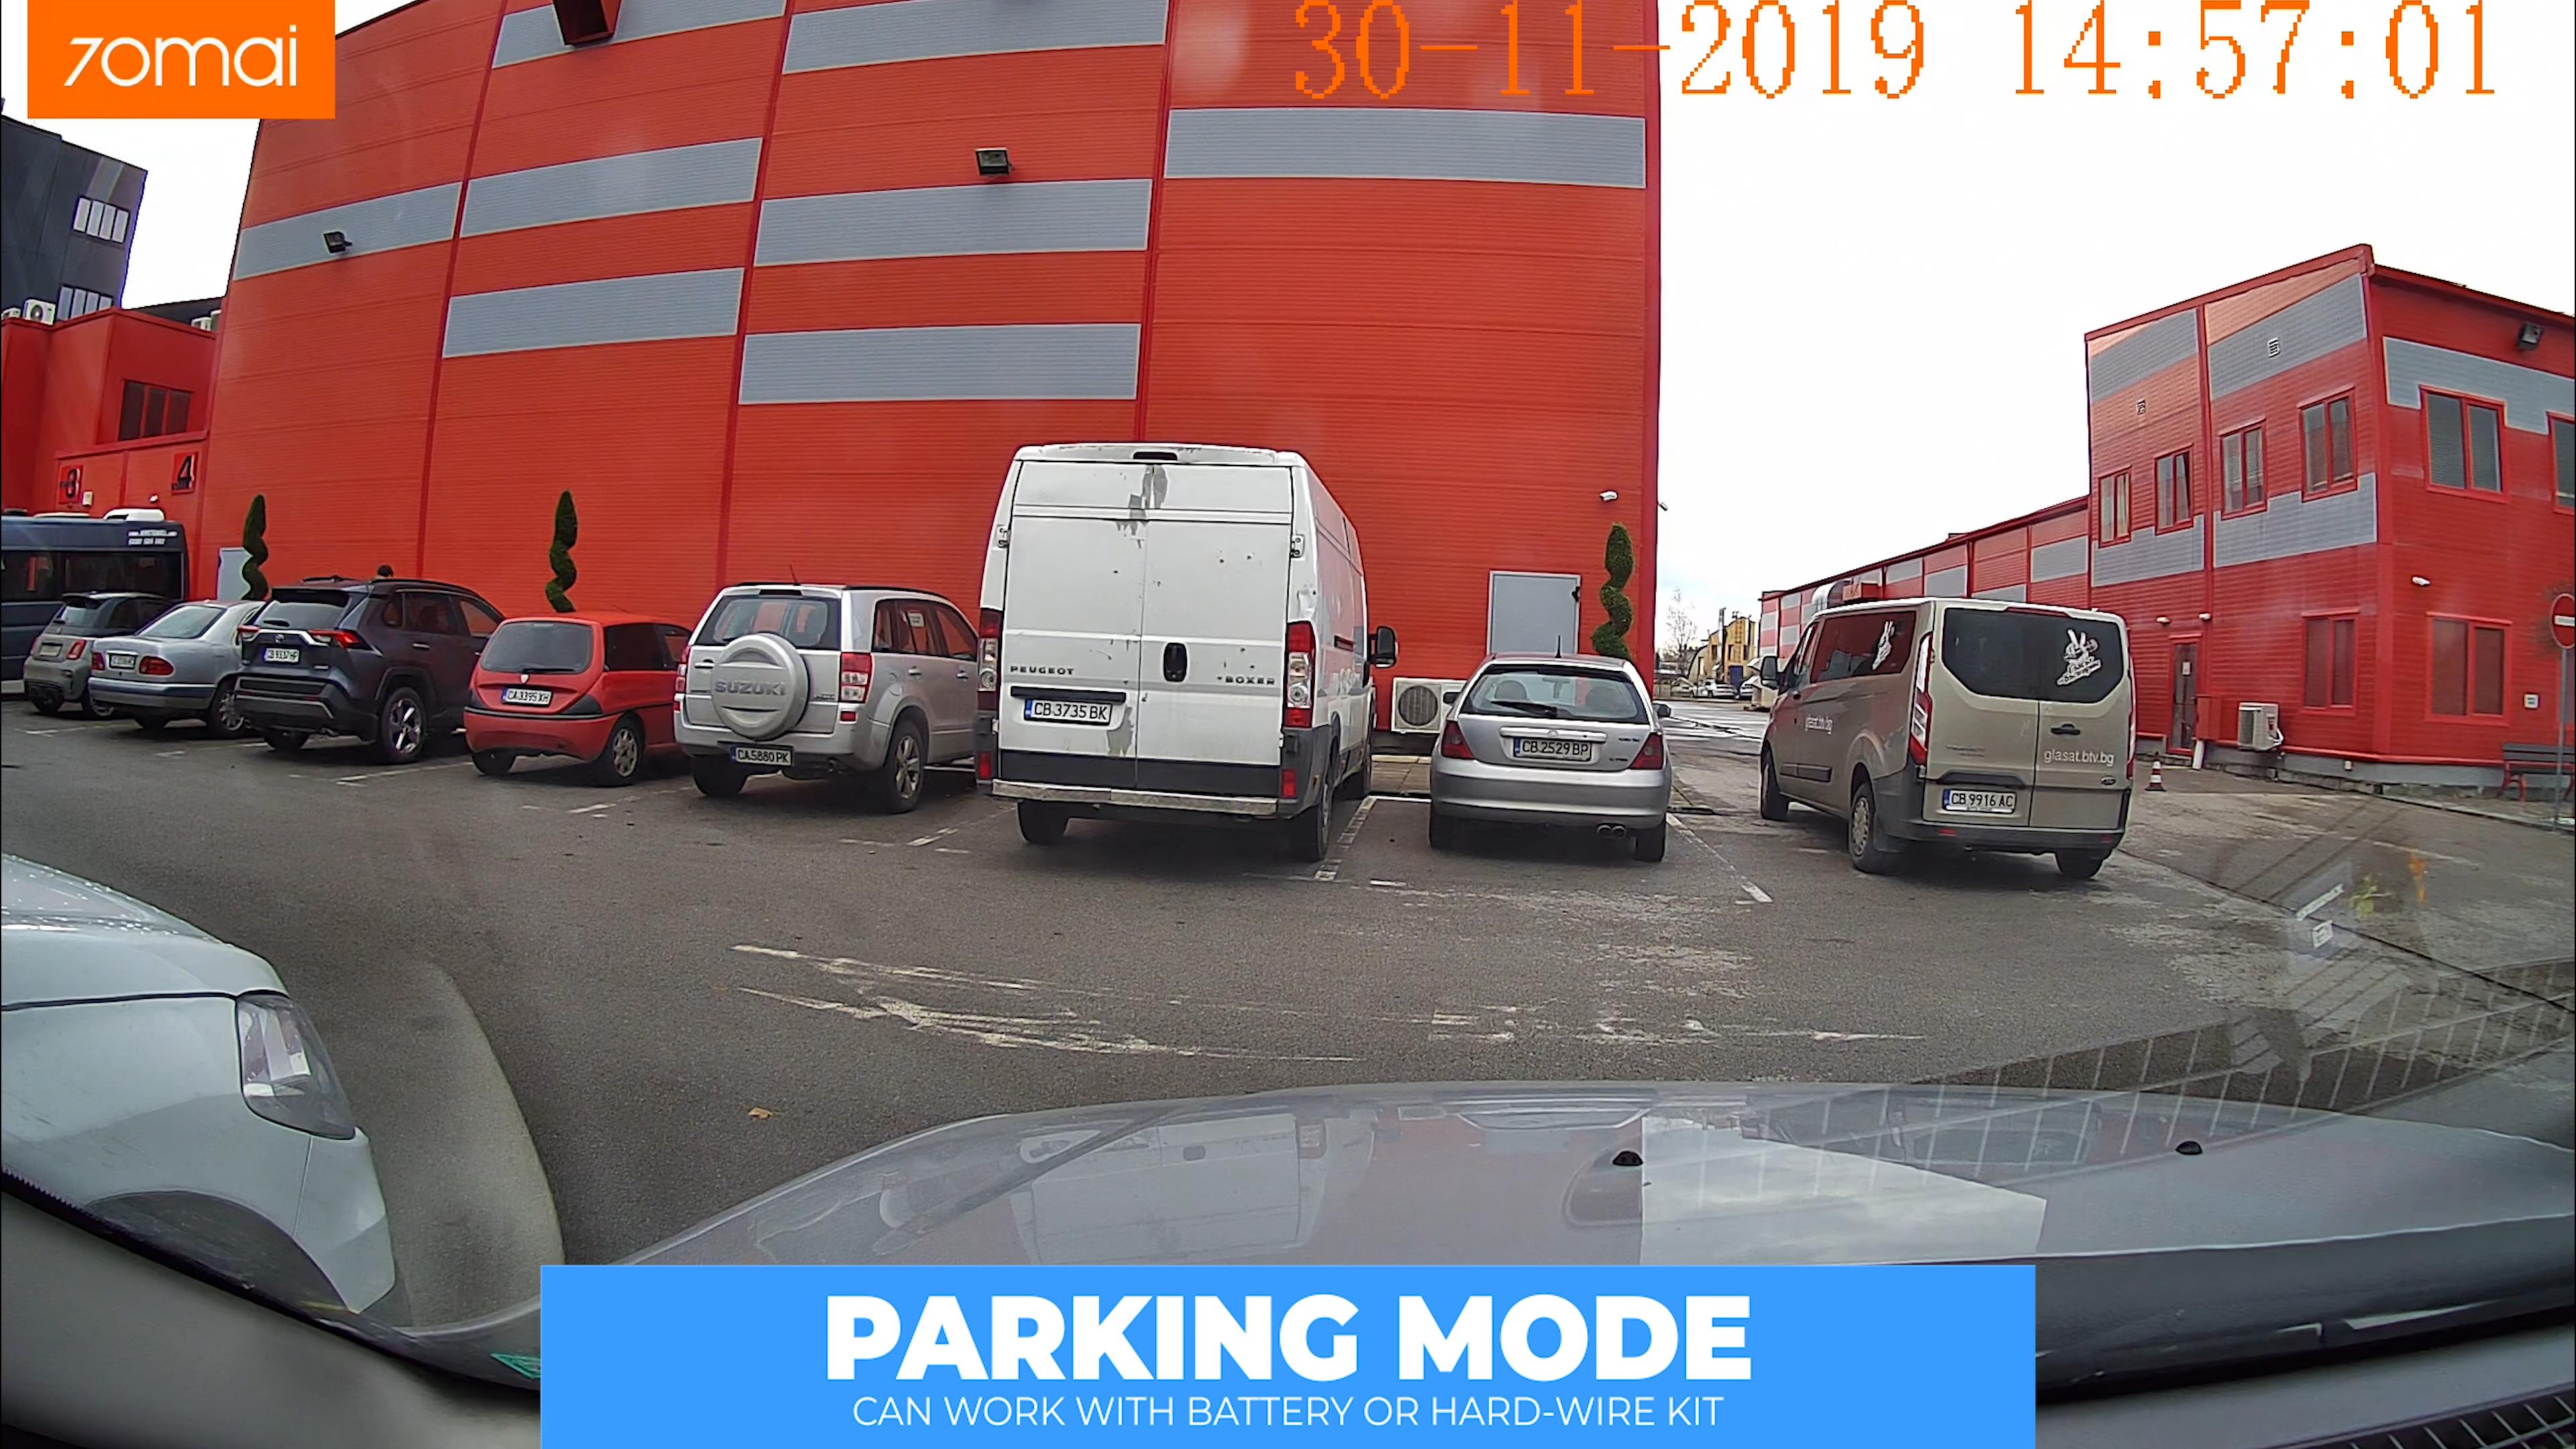 Xiaomi 70Mai mini Camera Parking mode